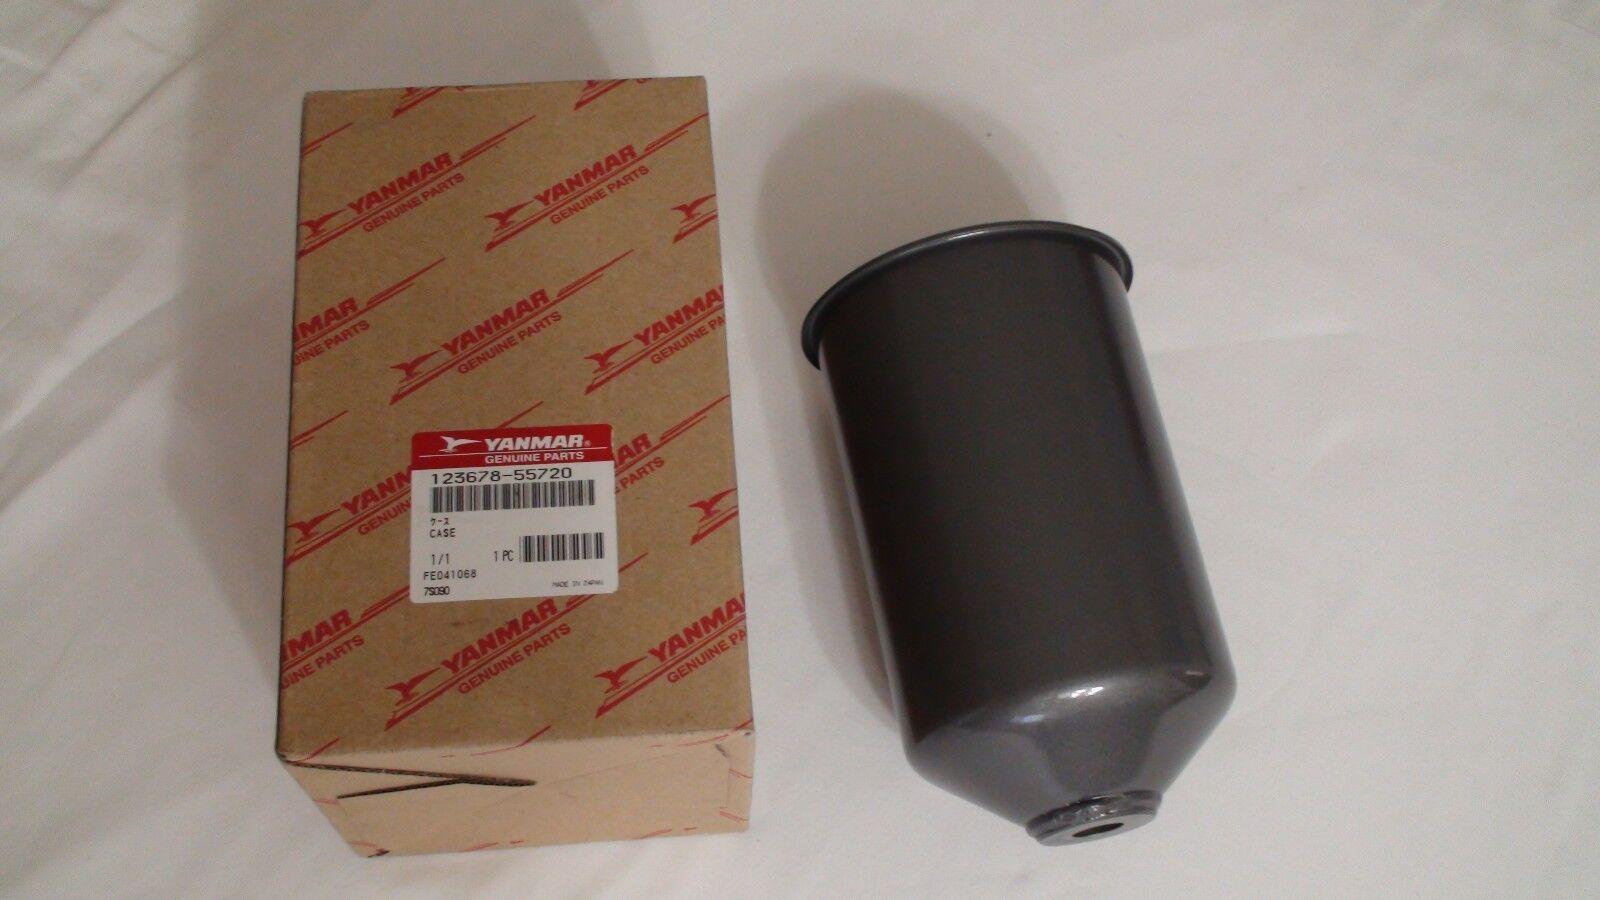 YANMAR 41650-550310 123678-55720 caja del filtro de combustible Tazón de fuente vivienda 6LY2A Ste STP UTE